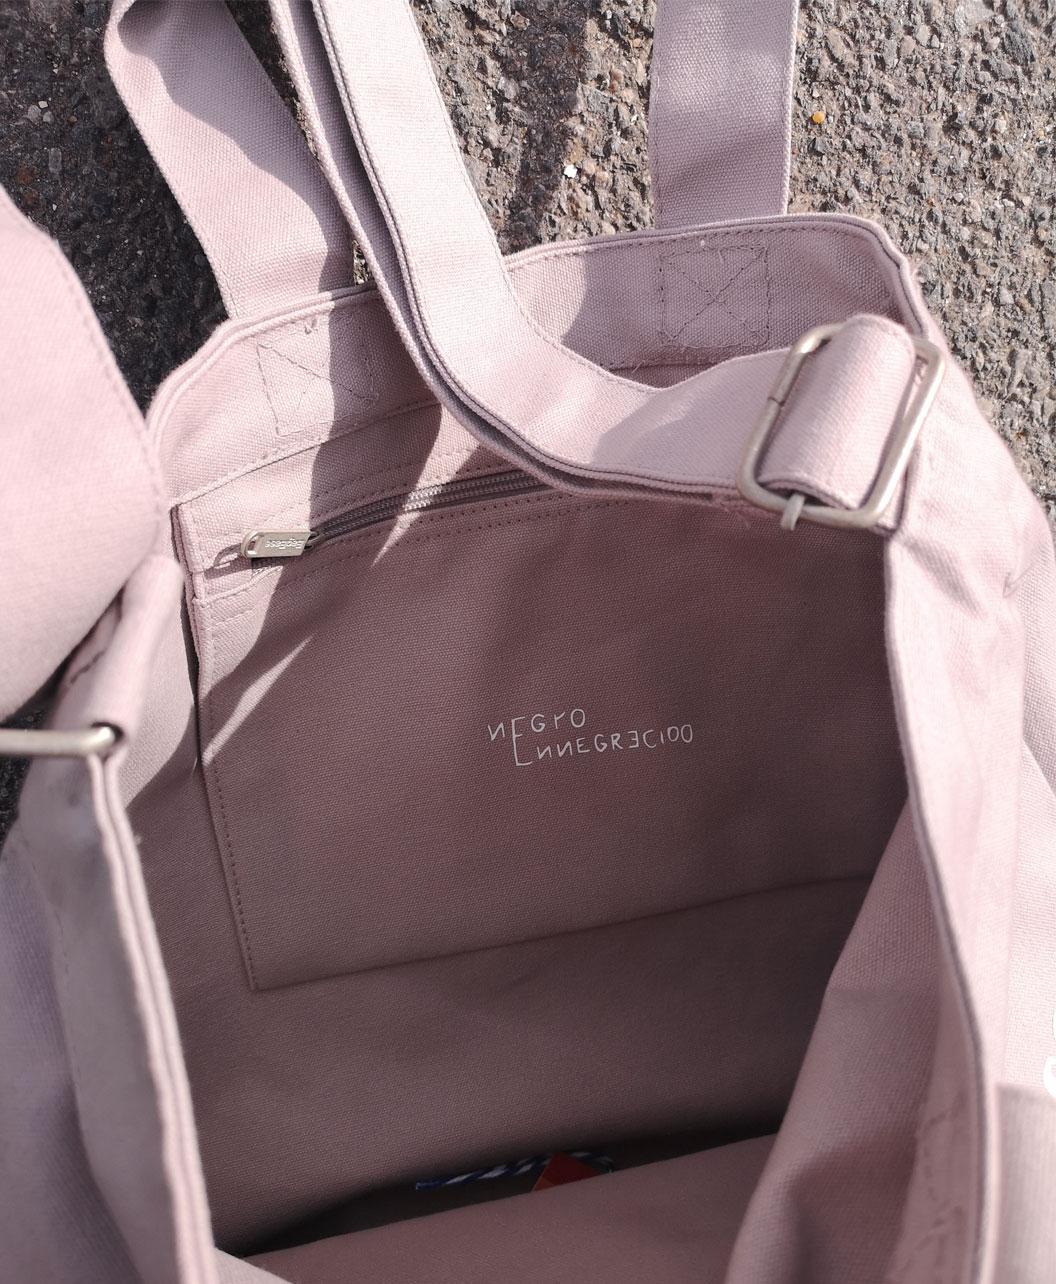 bolso resistente bonito grande con bolsillo y doble asa gato negro